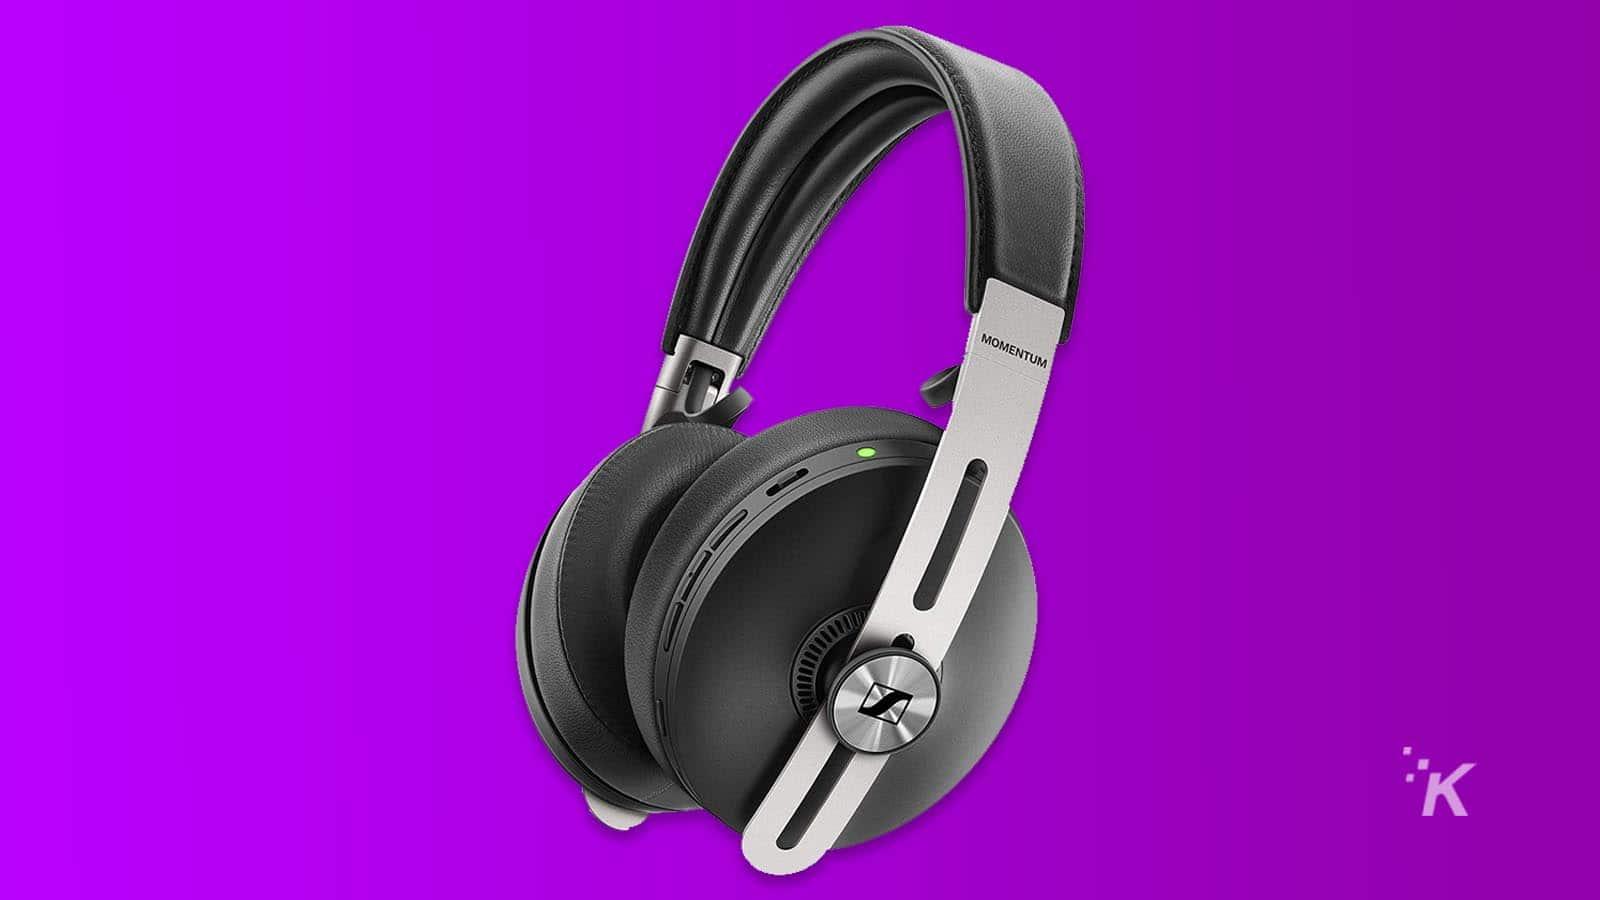 sennheiser headphones for valentine's day